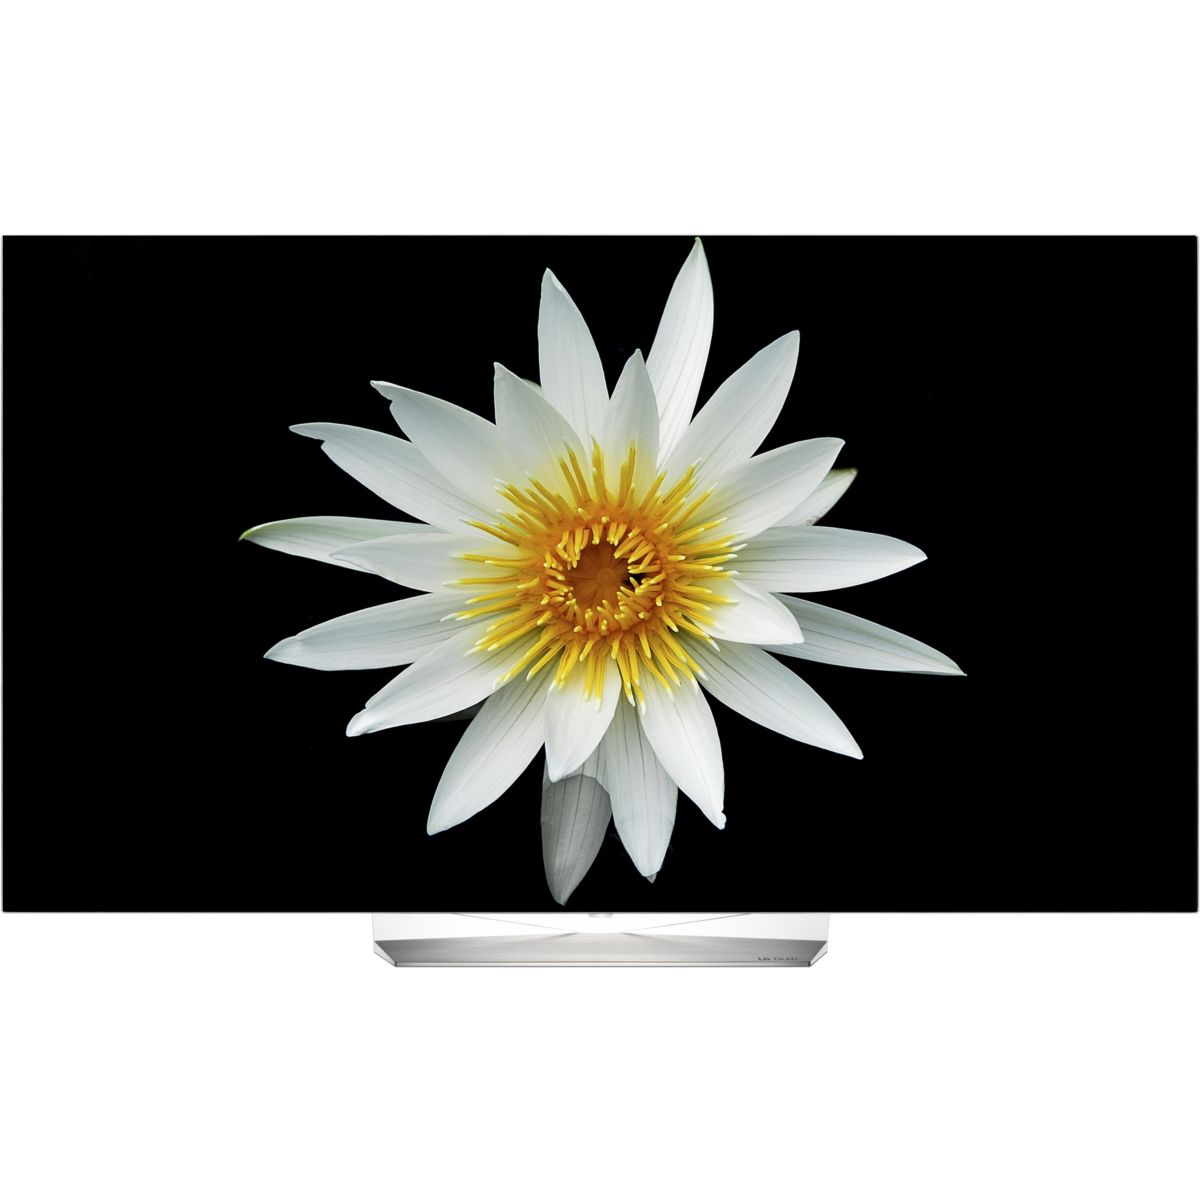 TV LG 55EG9A7V OLED